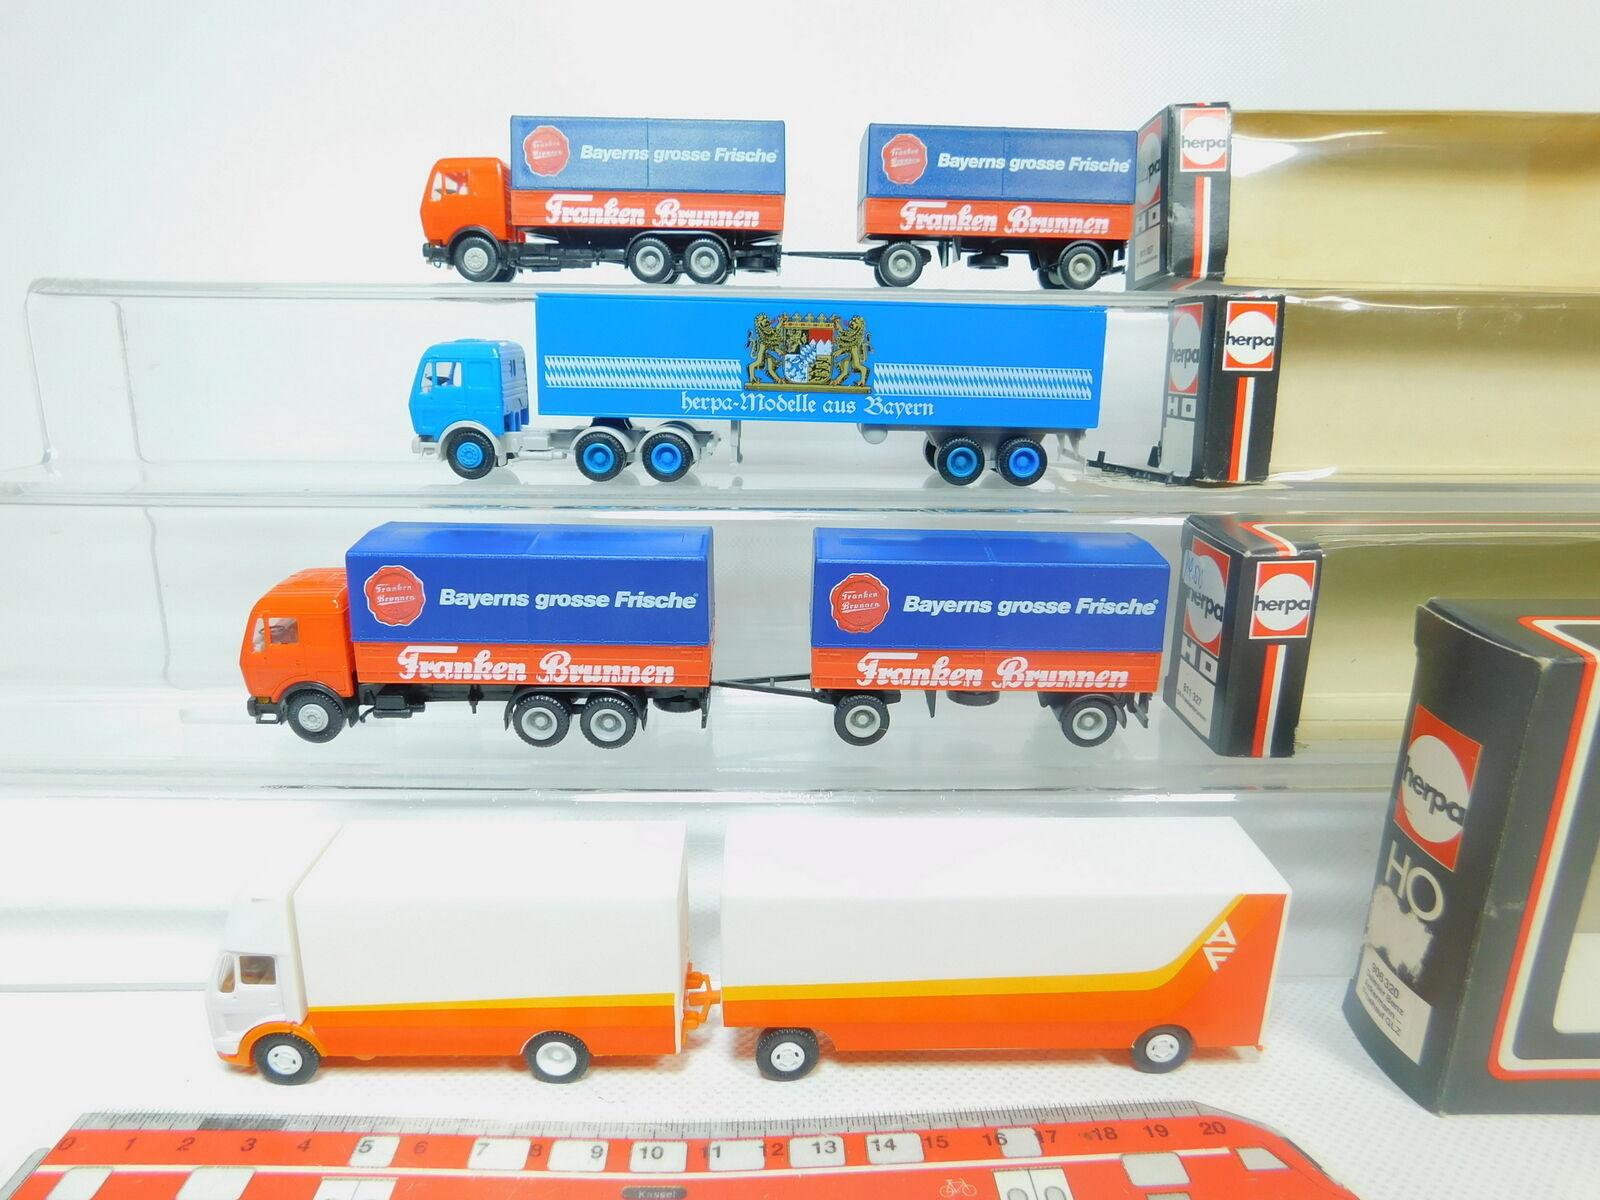 BO924-0,5  4x Herpa H0   1 87 Camion MB   811327 Frankenbrunnen  906320 Etc,Ovp